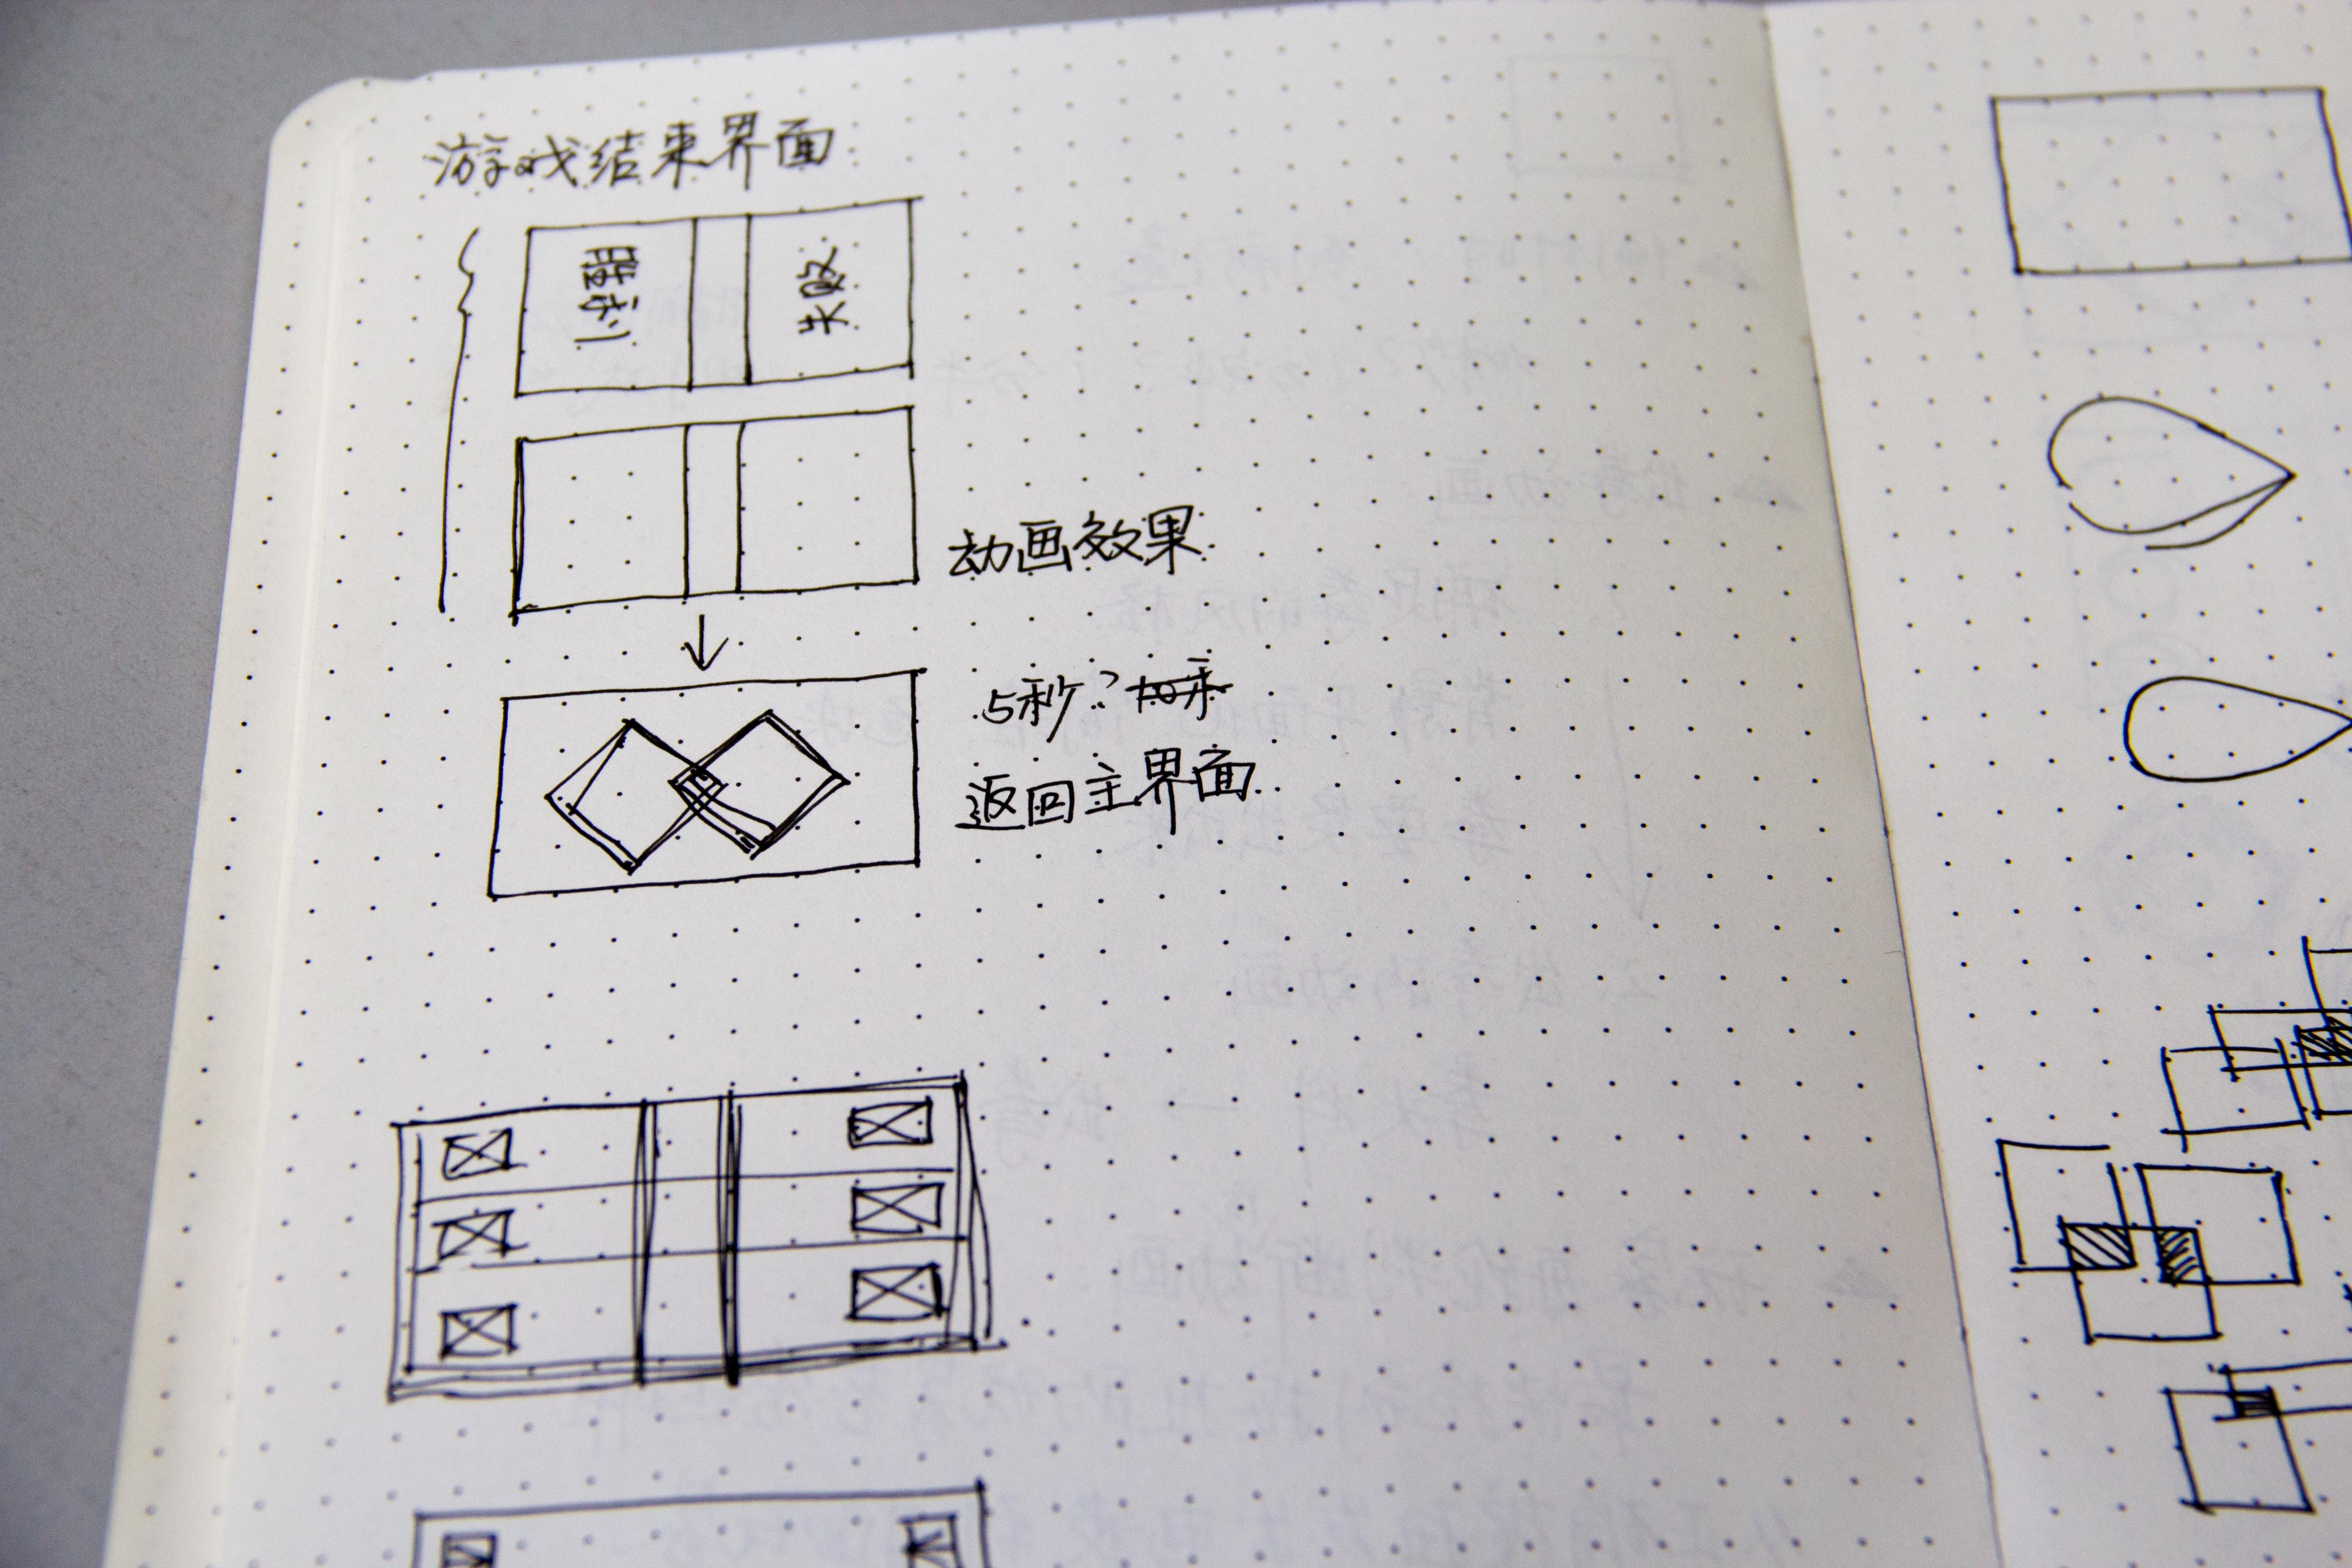 高玉洁《踩》 地面投影互动游戏_方案02